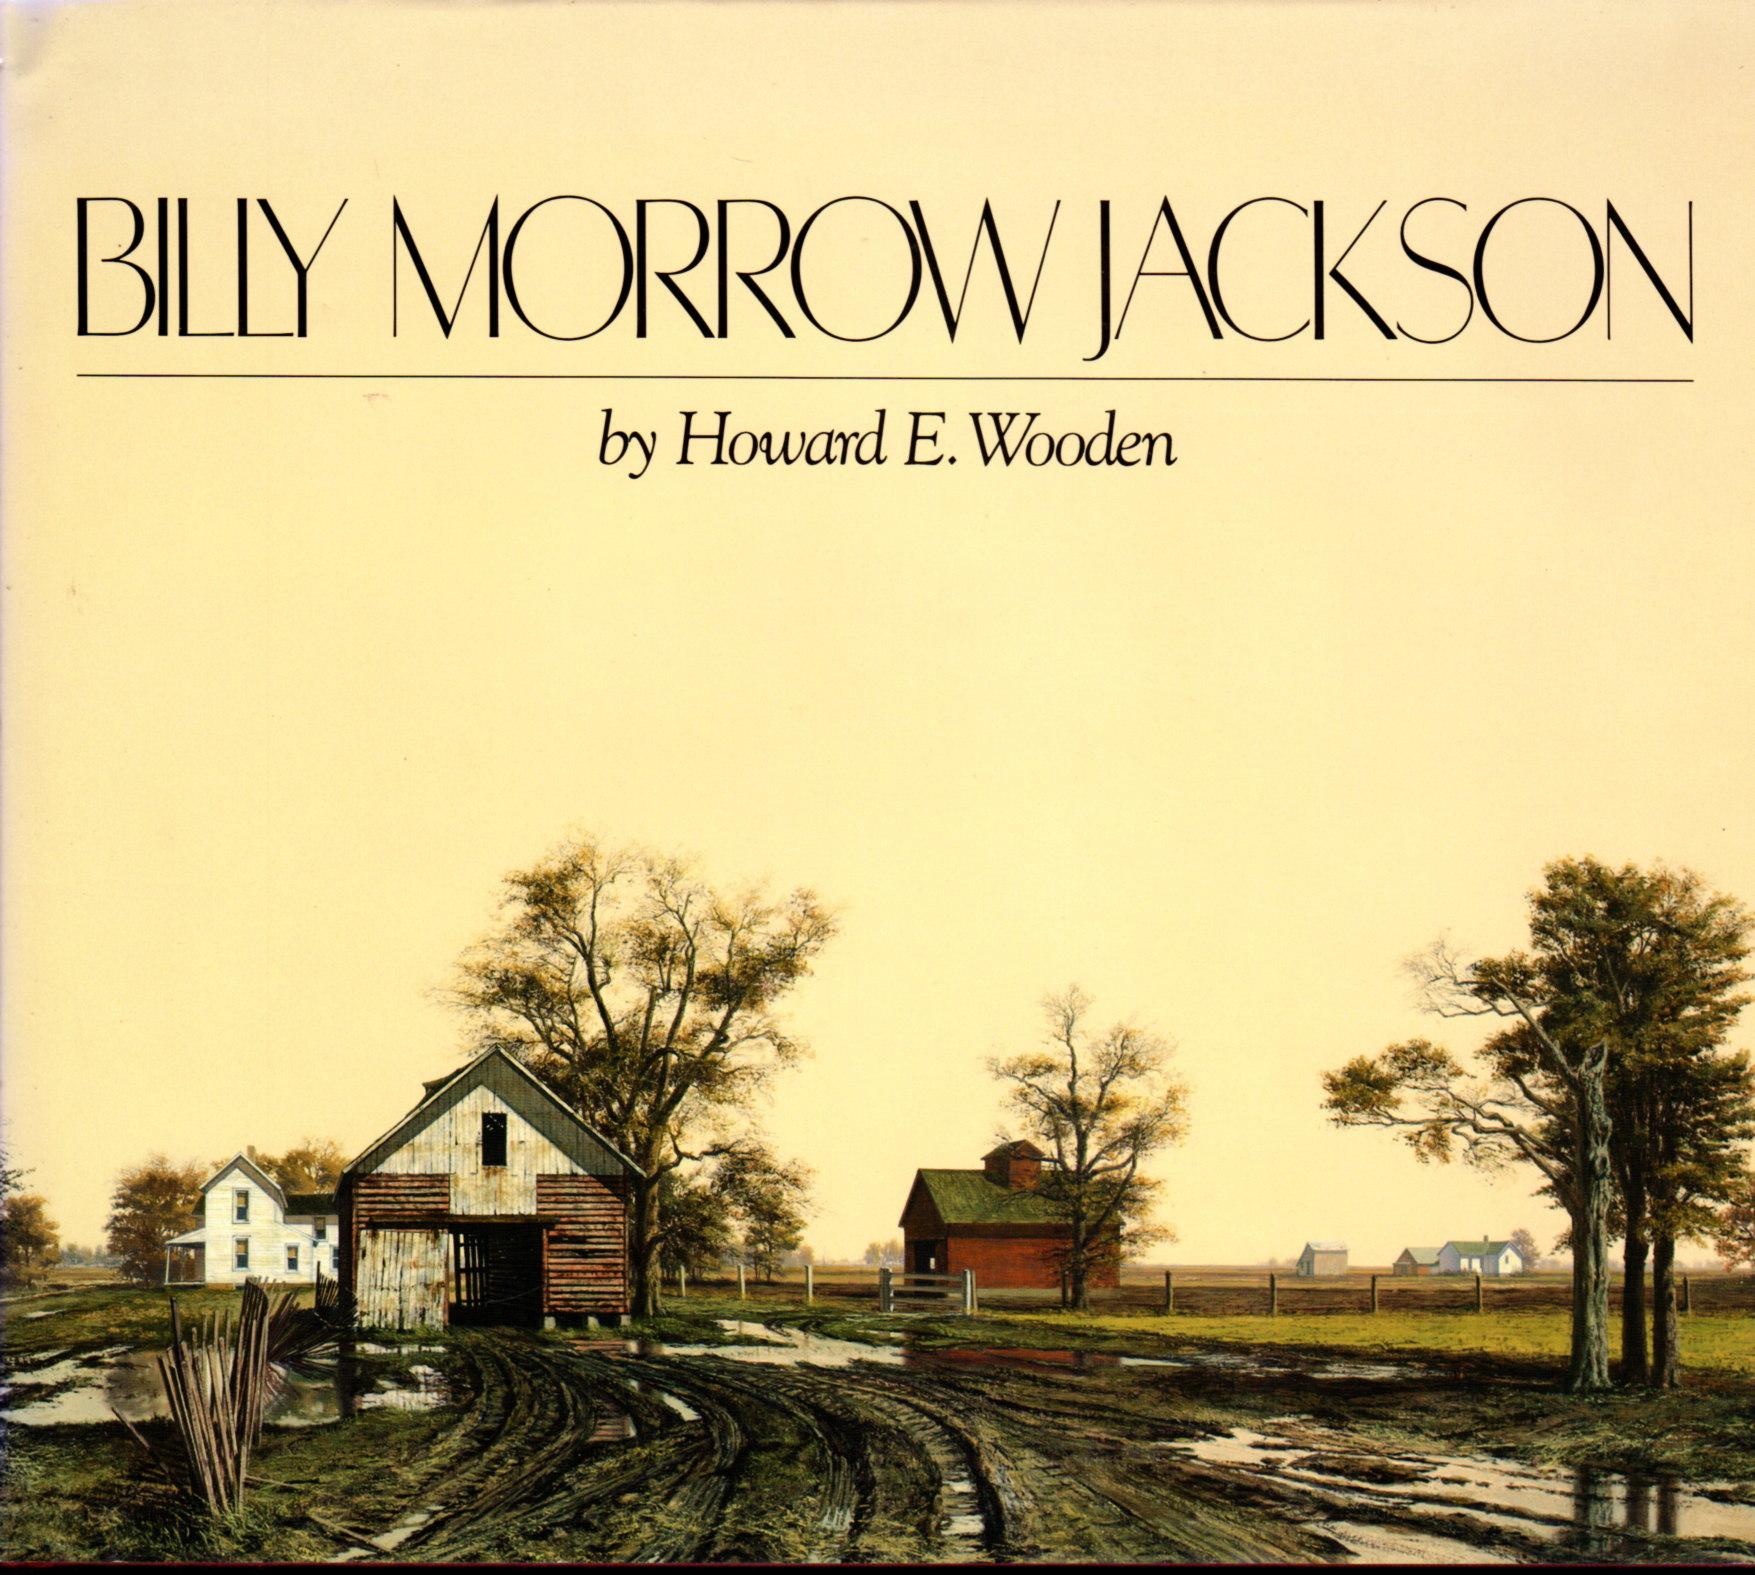 [JACKSON, BILLY MORROW] WOODEN, HOWARD E. - BILLY MORROW JACKSON: INTERPRETATIONS OF TIME AND LIGHT